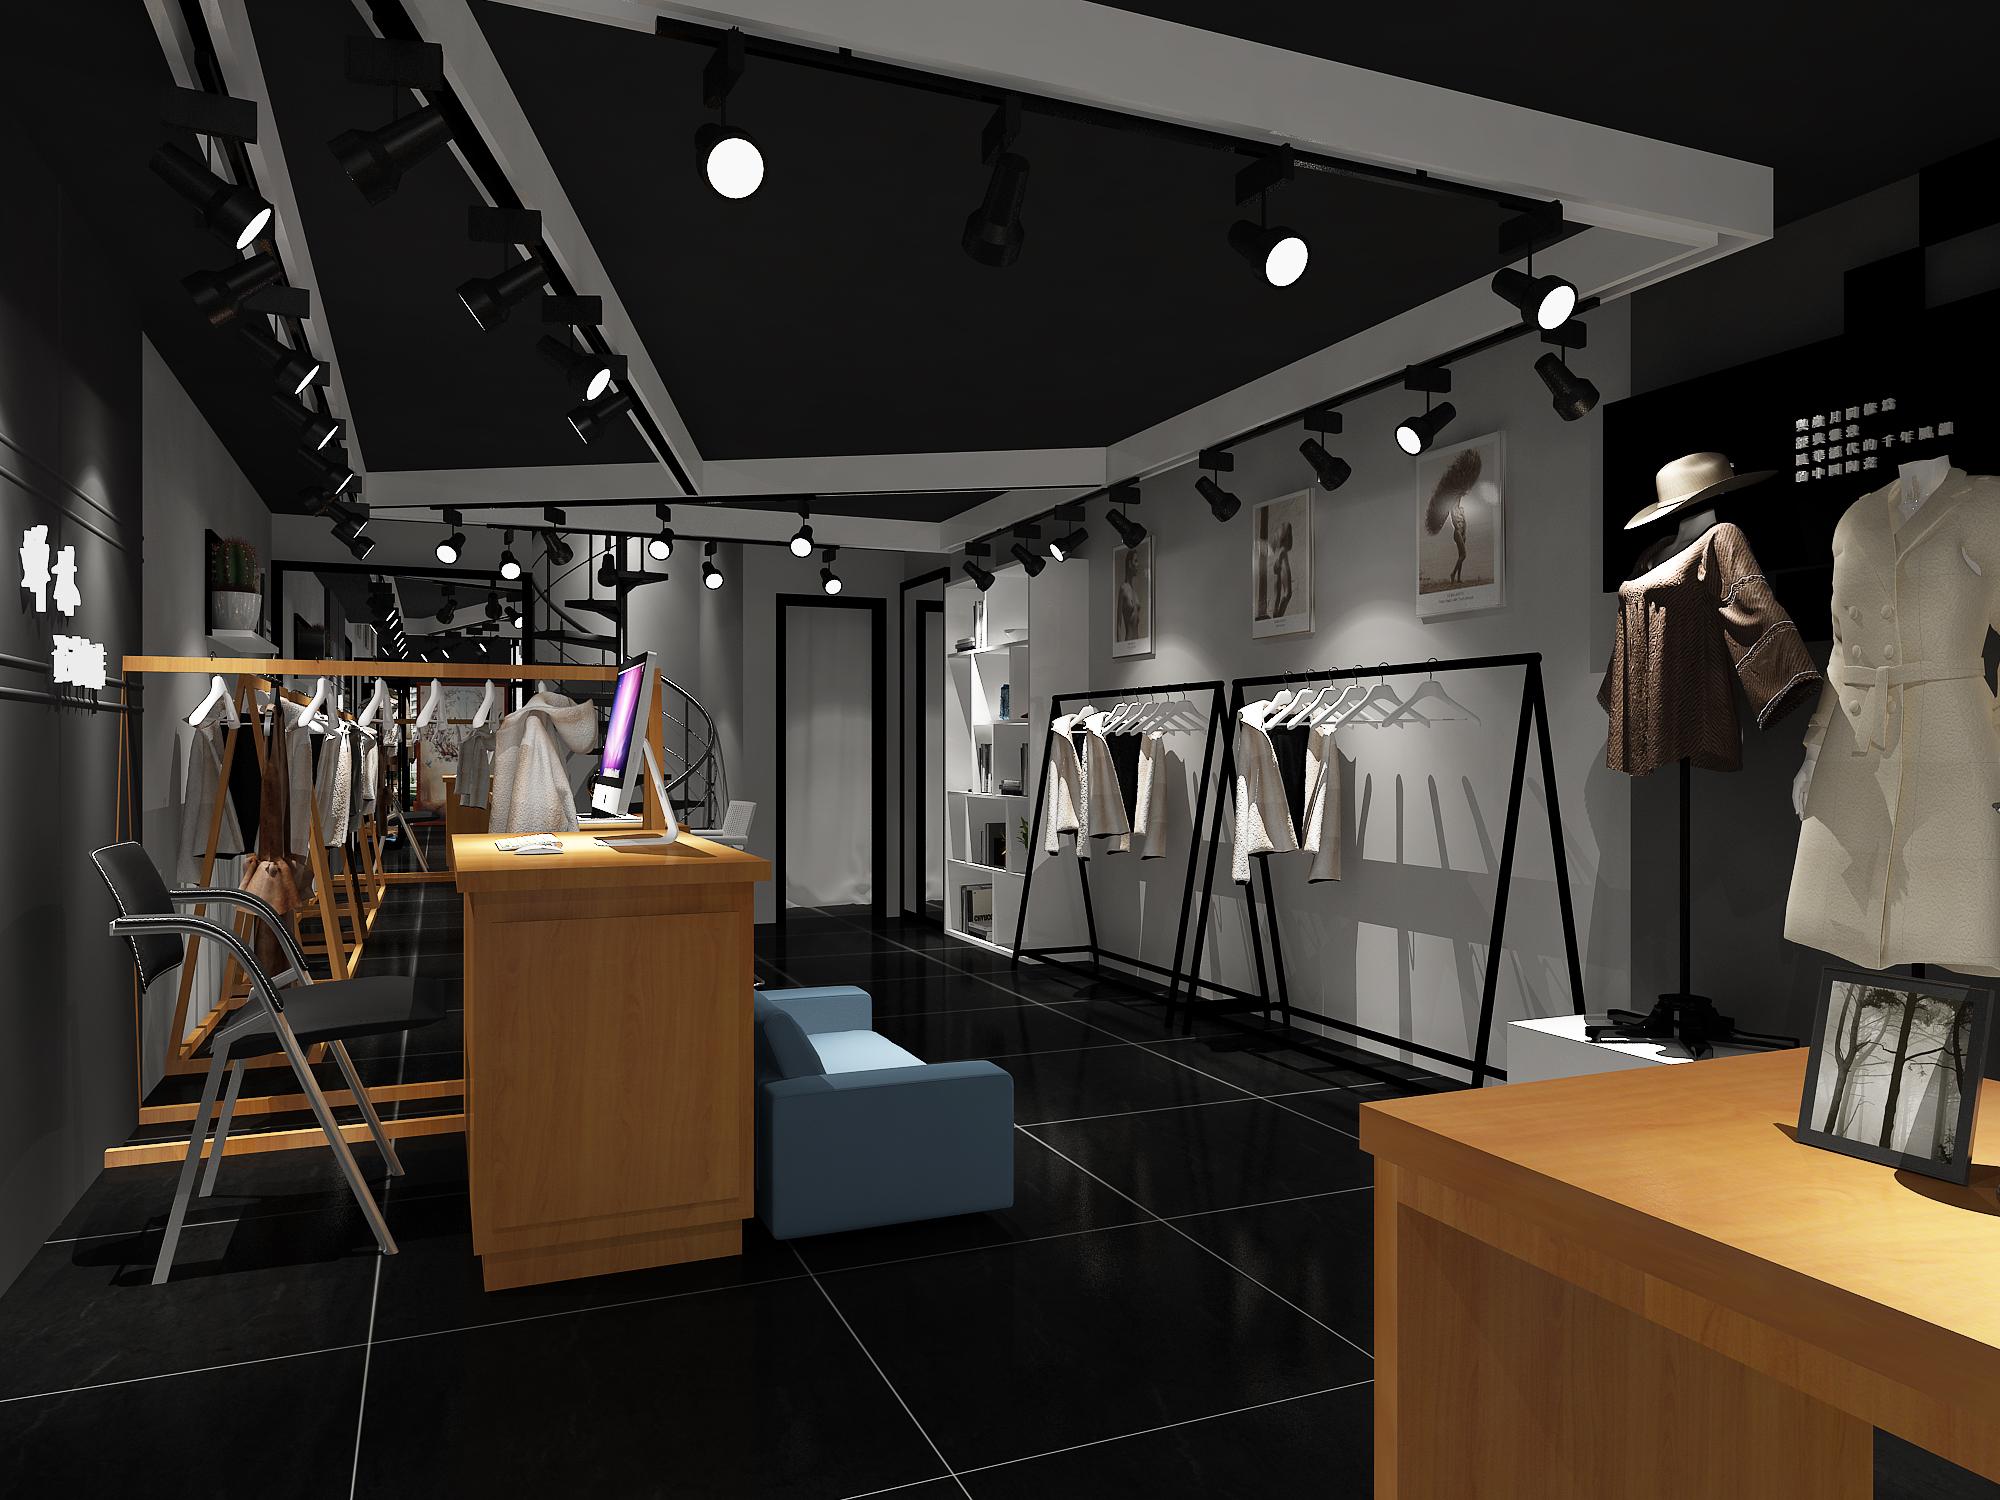 服装店/女装店/男装店/童装店/鞋包店/亲子装店内衣店等设计